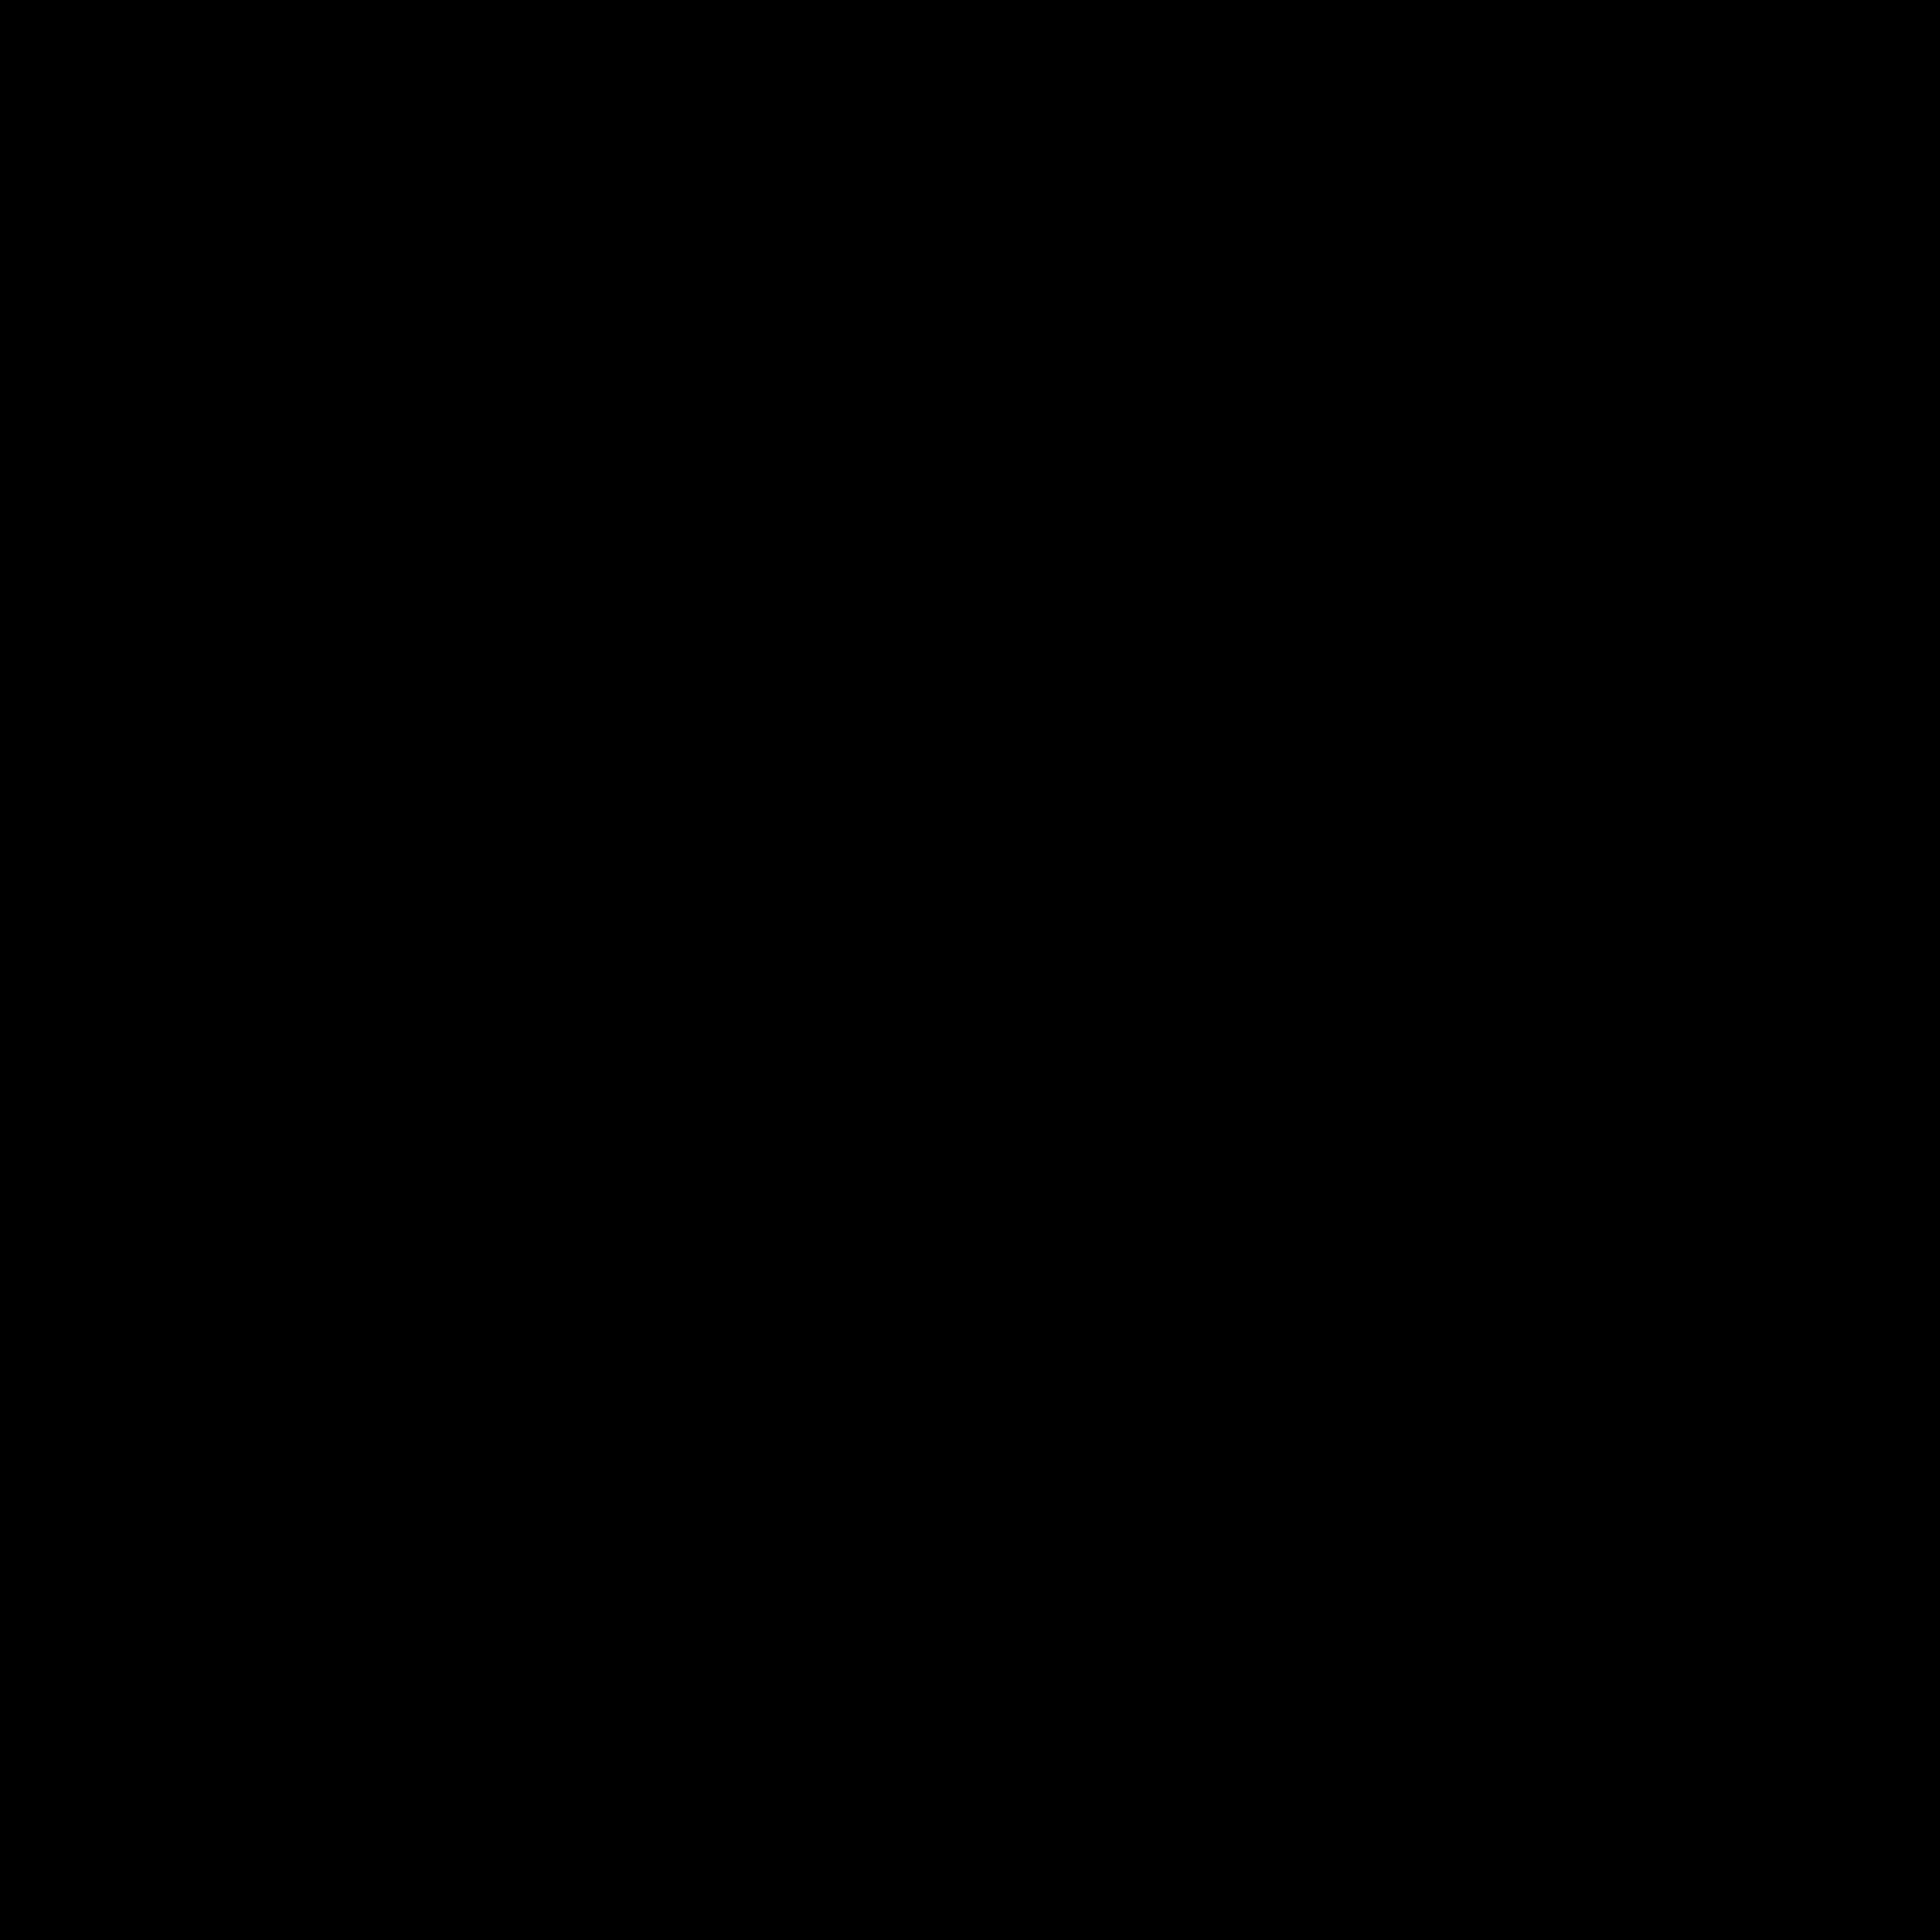 Логотип и фирменный стиль сервисного центра - дизайнер BeS2039